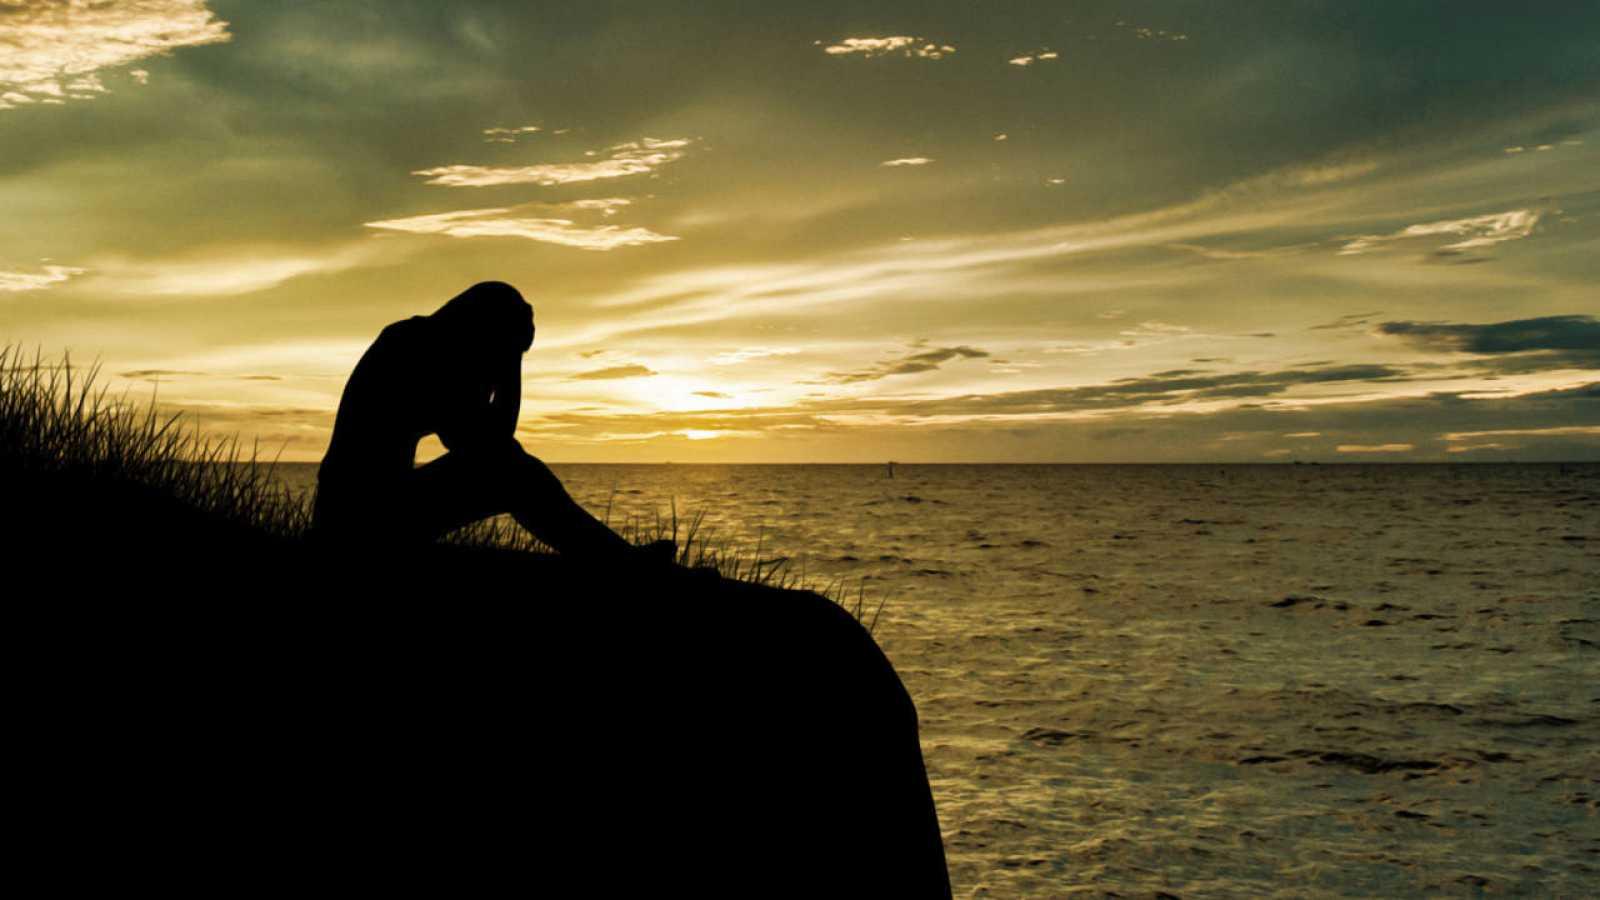 En 2014, el número de fallecimientos por suicidio en España fue de 3.910.